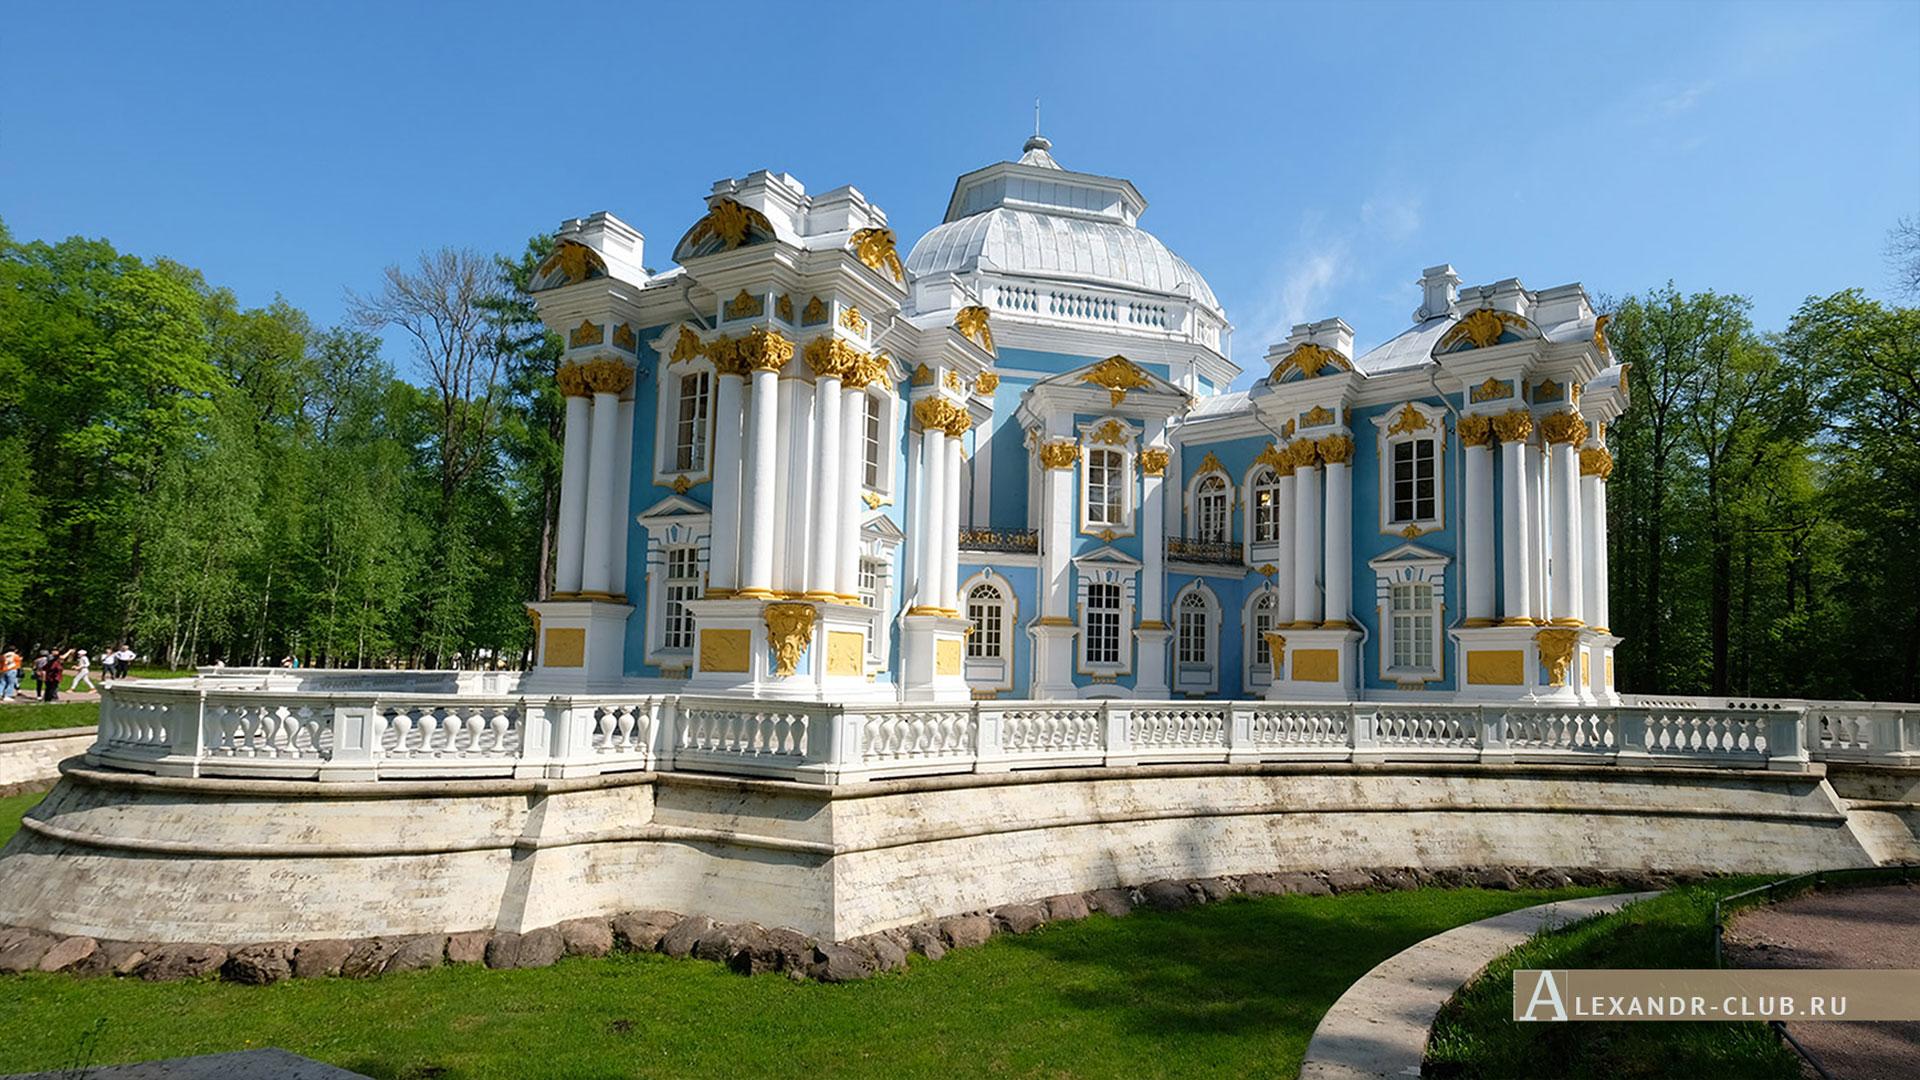 Царское Село, весна, Екатерининский парк, павильон «Эрмитаж»